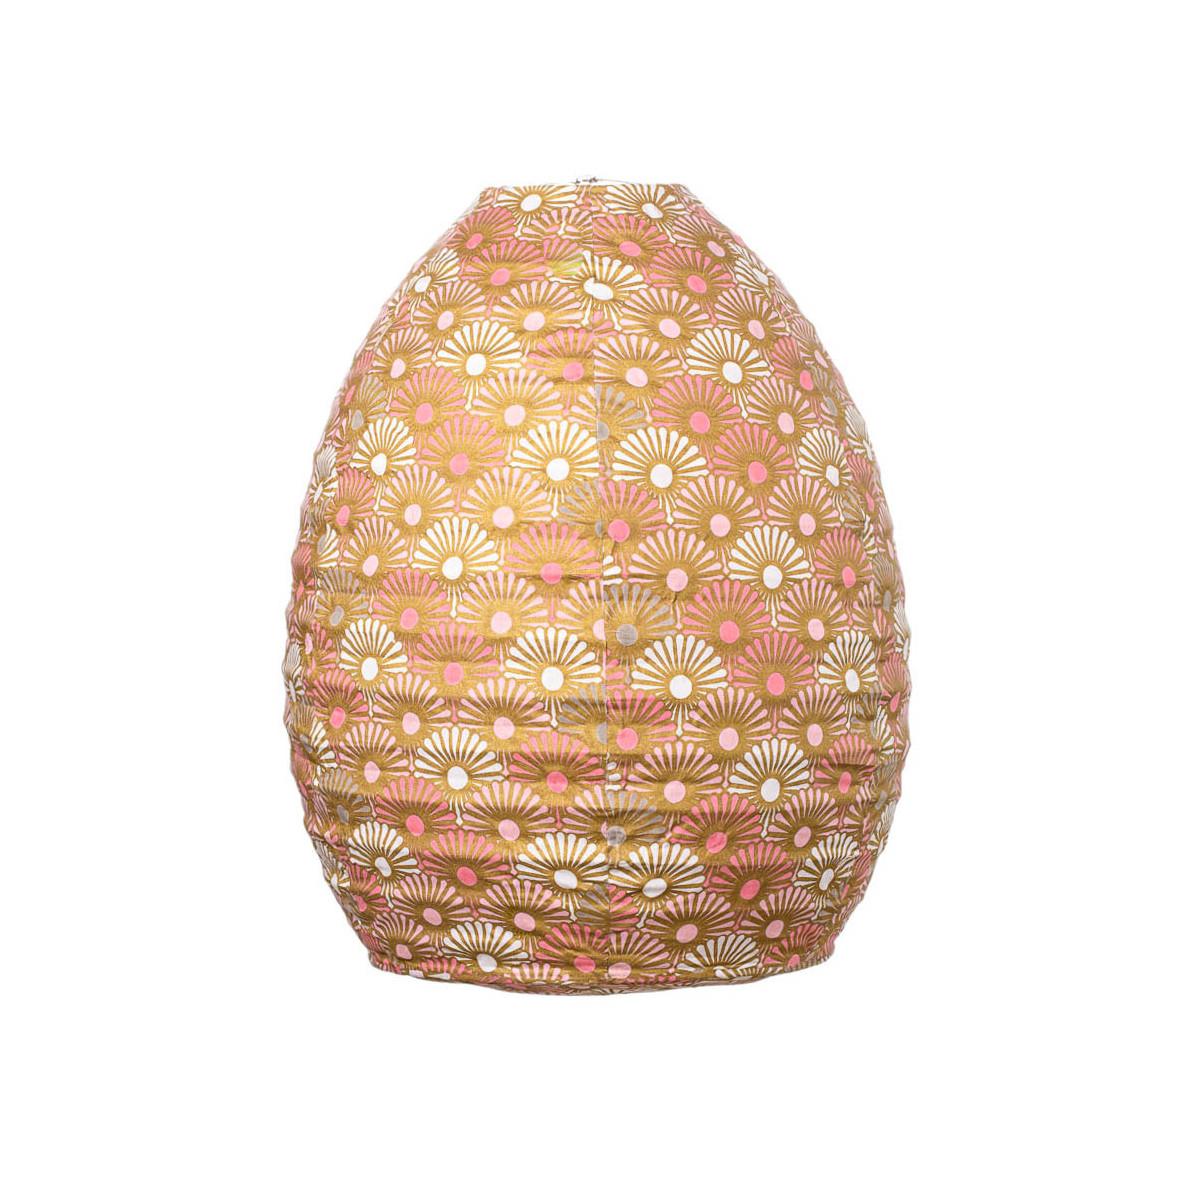 Lampion tissu boule japonaise ruche rose et or